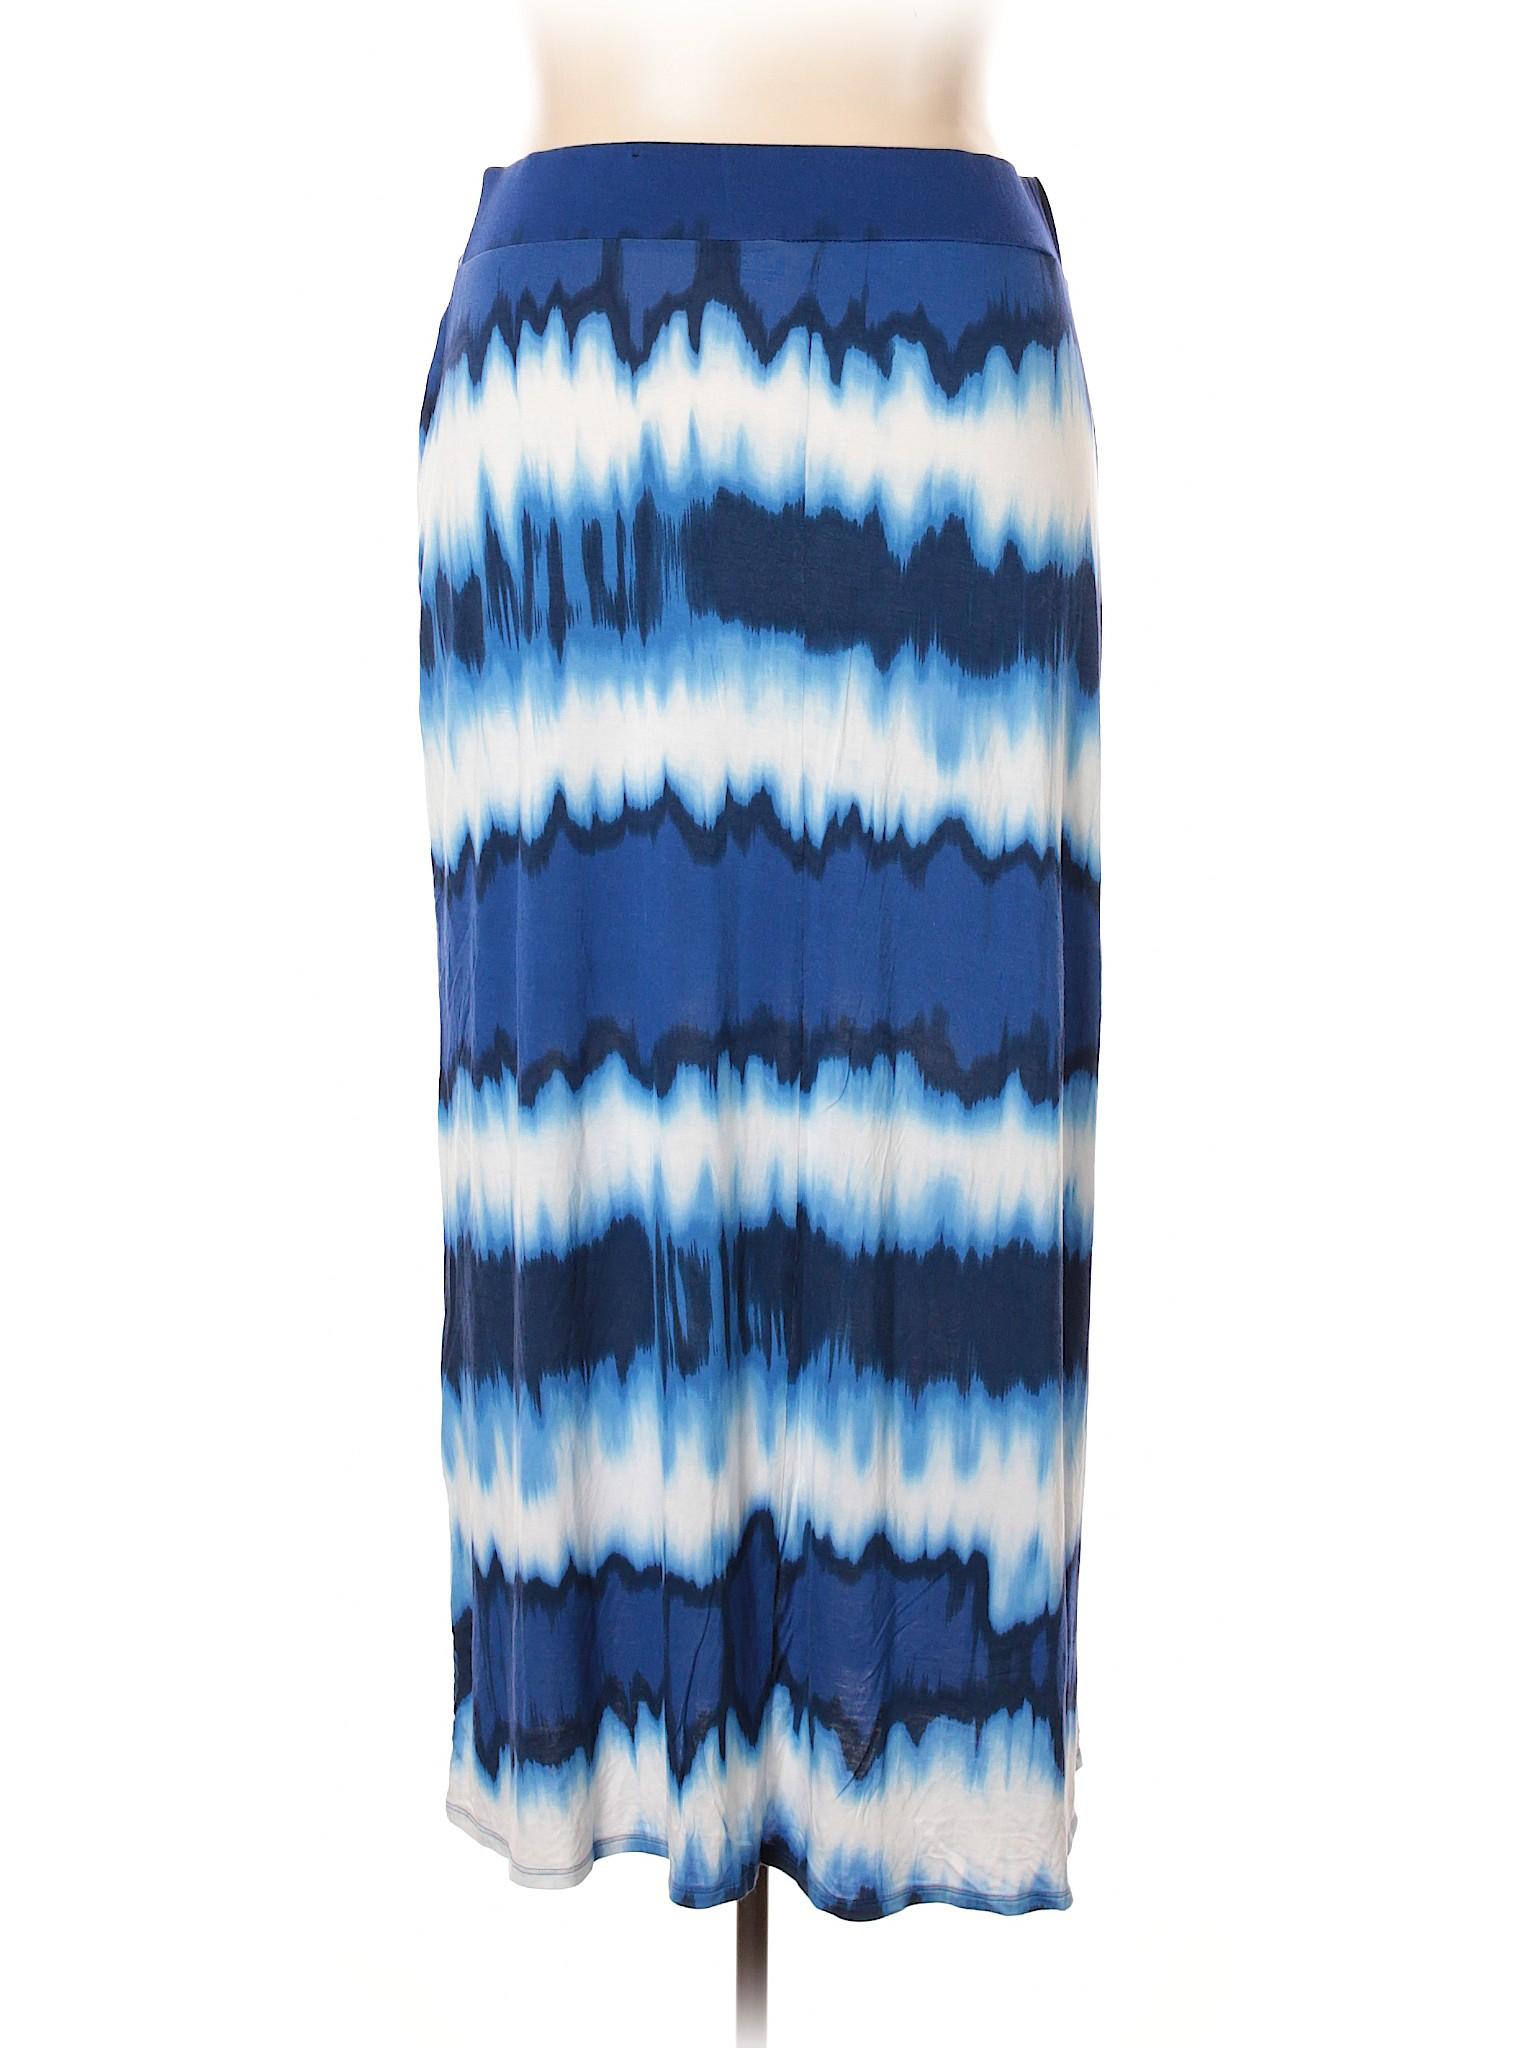 Casual Boutique Boutique Boutique Casual Skirt Skirt Pq6zwp